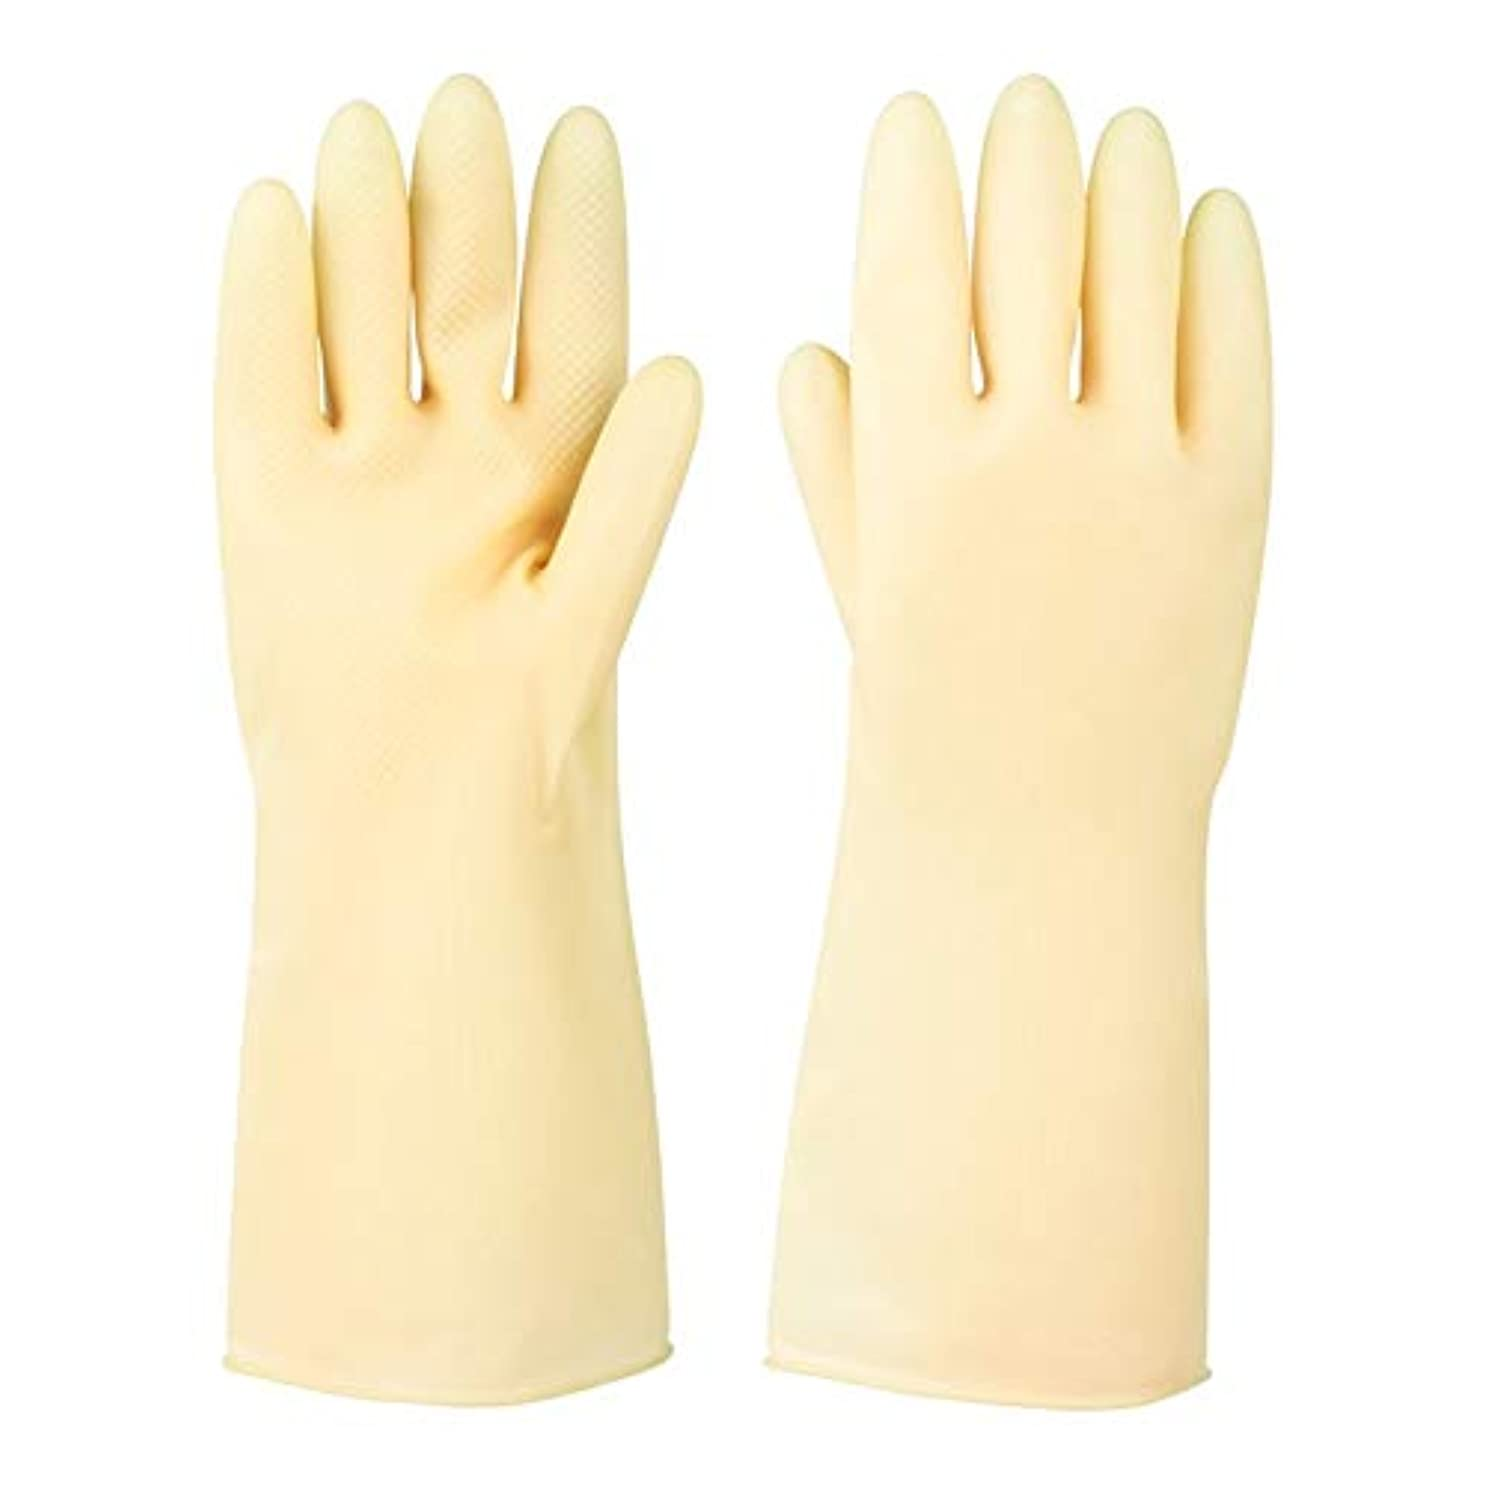 休日ヨーグルト汚れる使い捨て手袋 ラバーレザーグローブ厚めの滑り止め耐摩耗性防水保護手袋、5ペア ニトリルゴム手袋 (Color : 5 pair, Size : S)